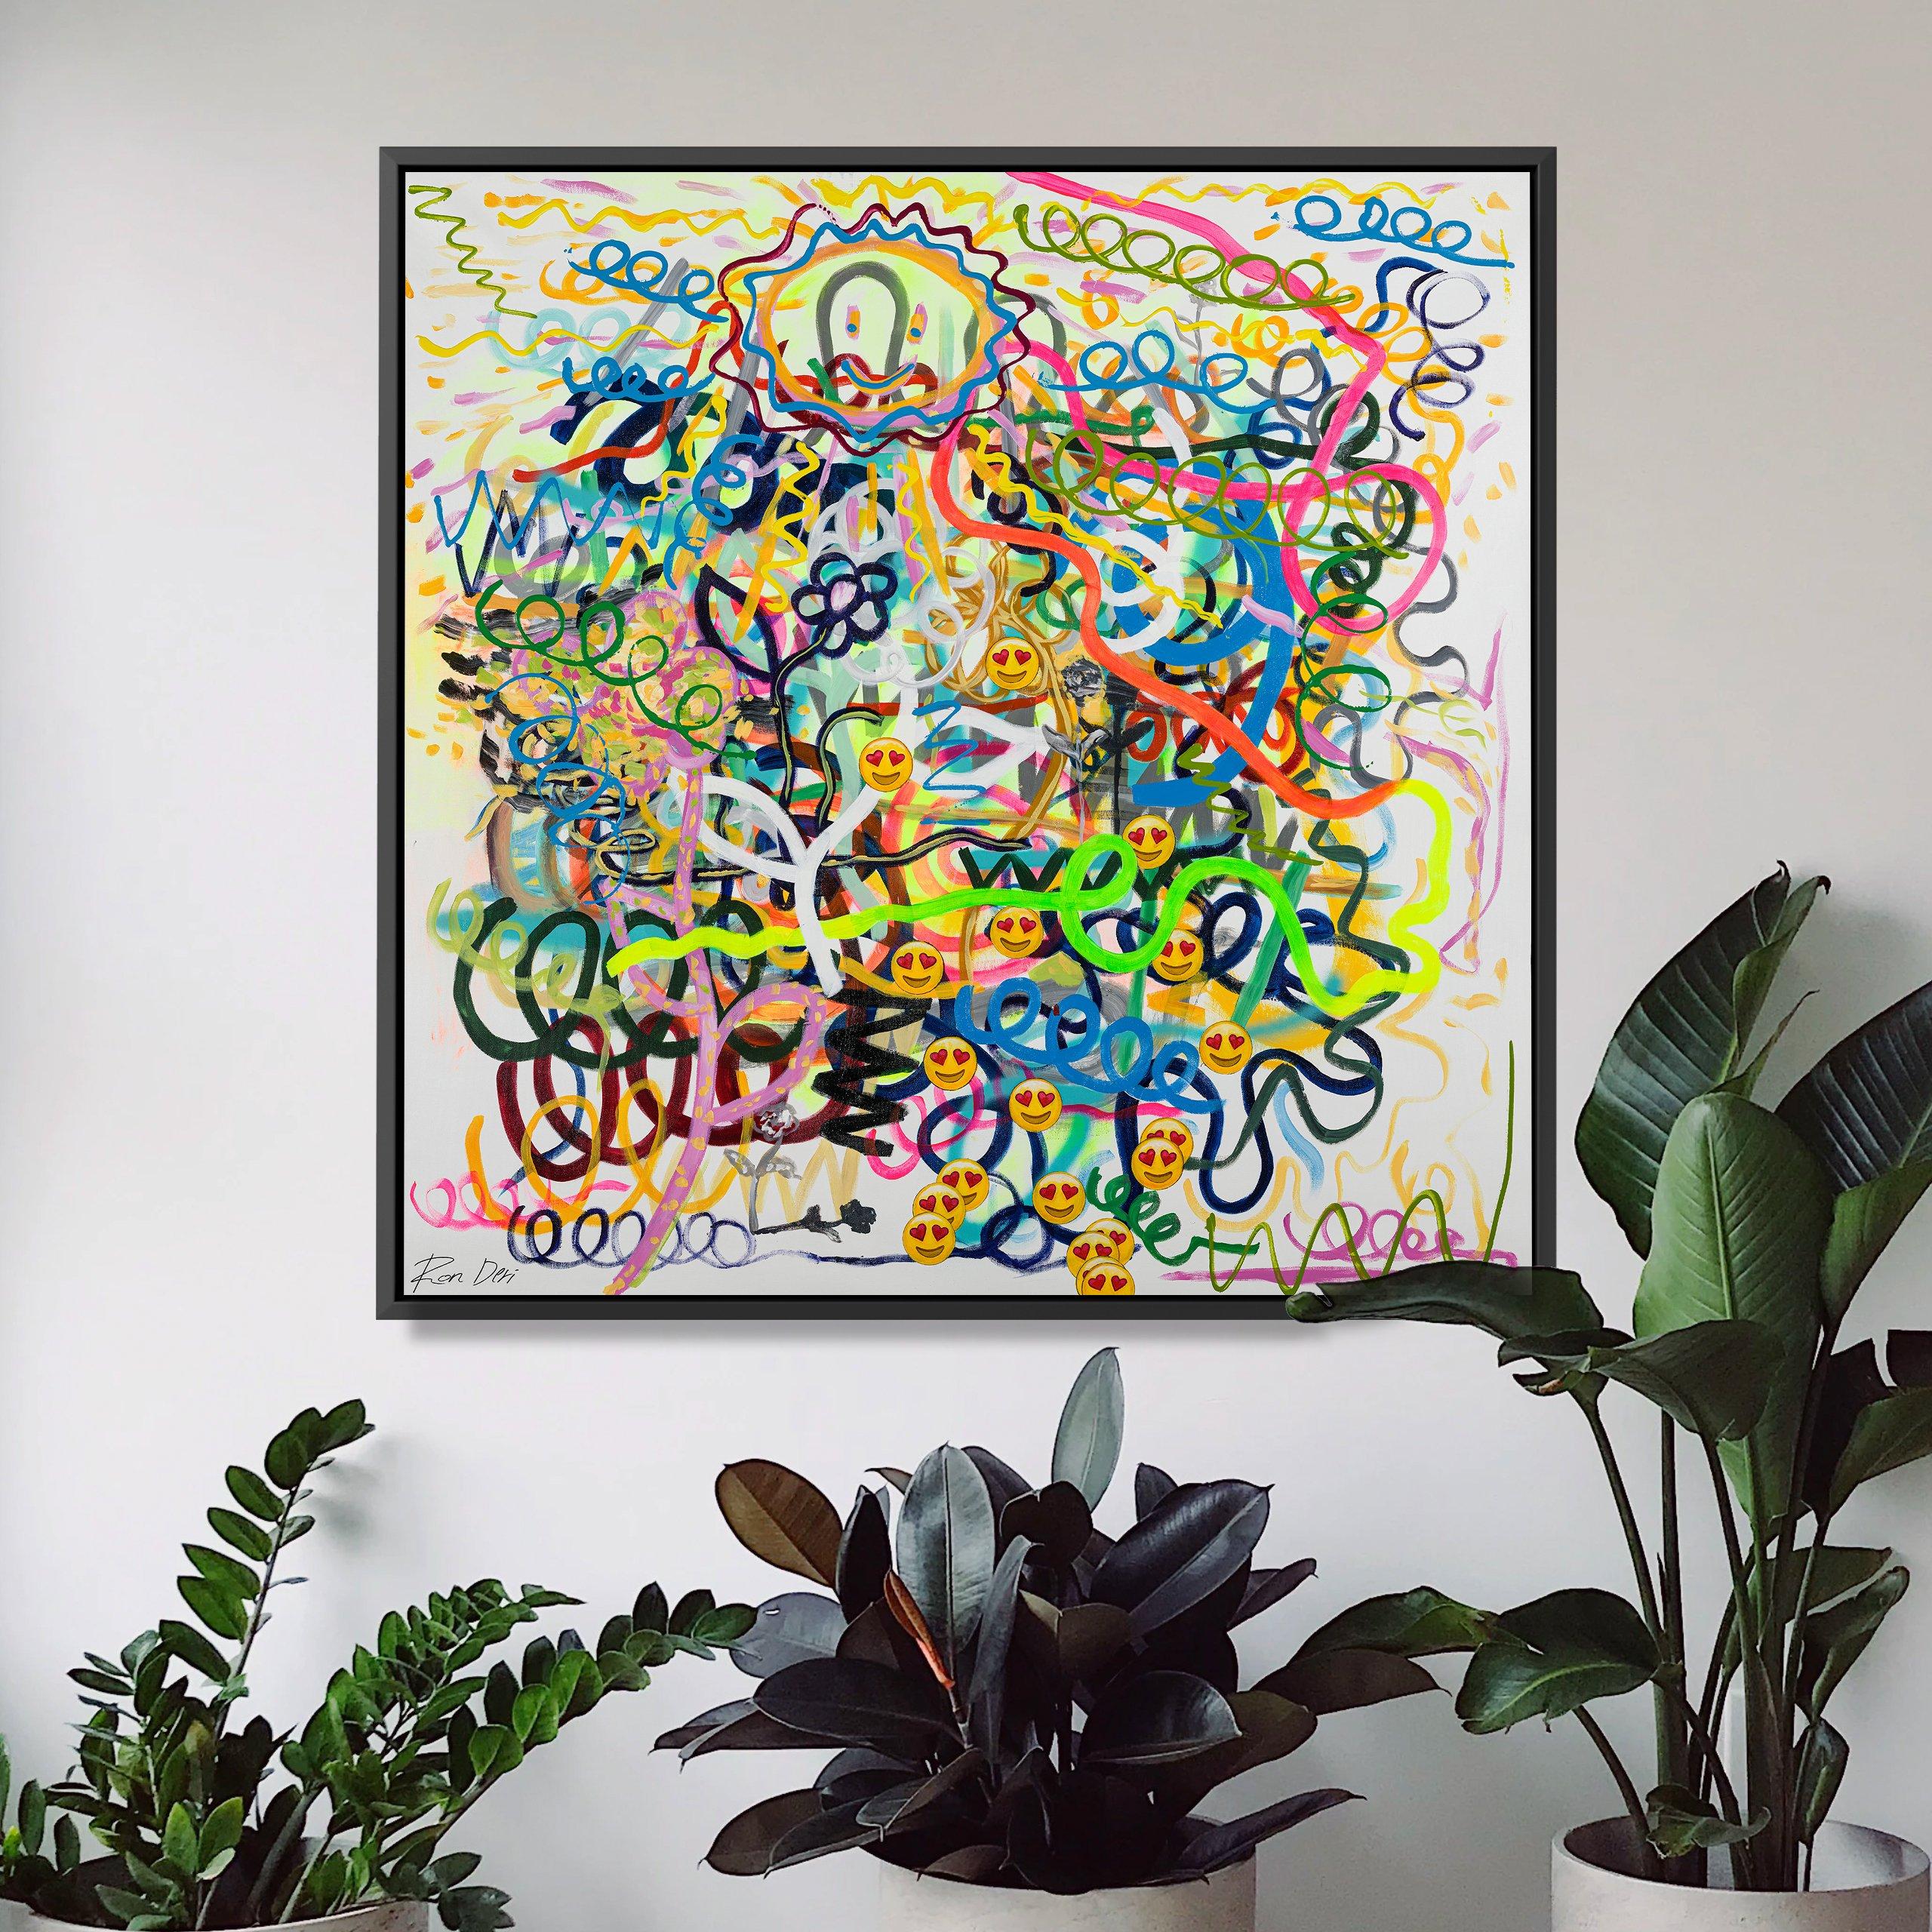 embrace-the-sun-ron-deri-canvas-painting-art